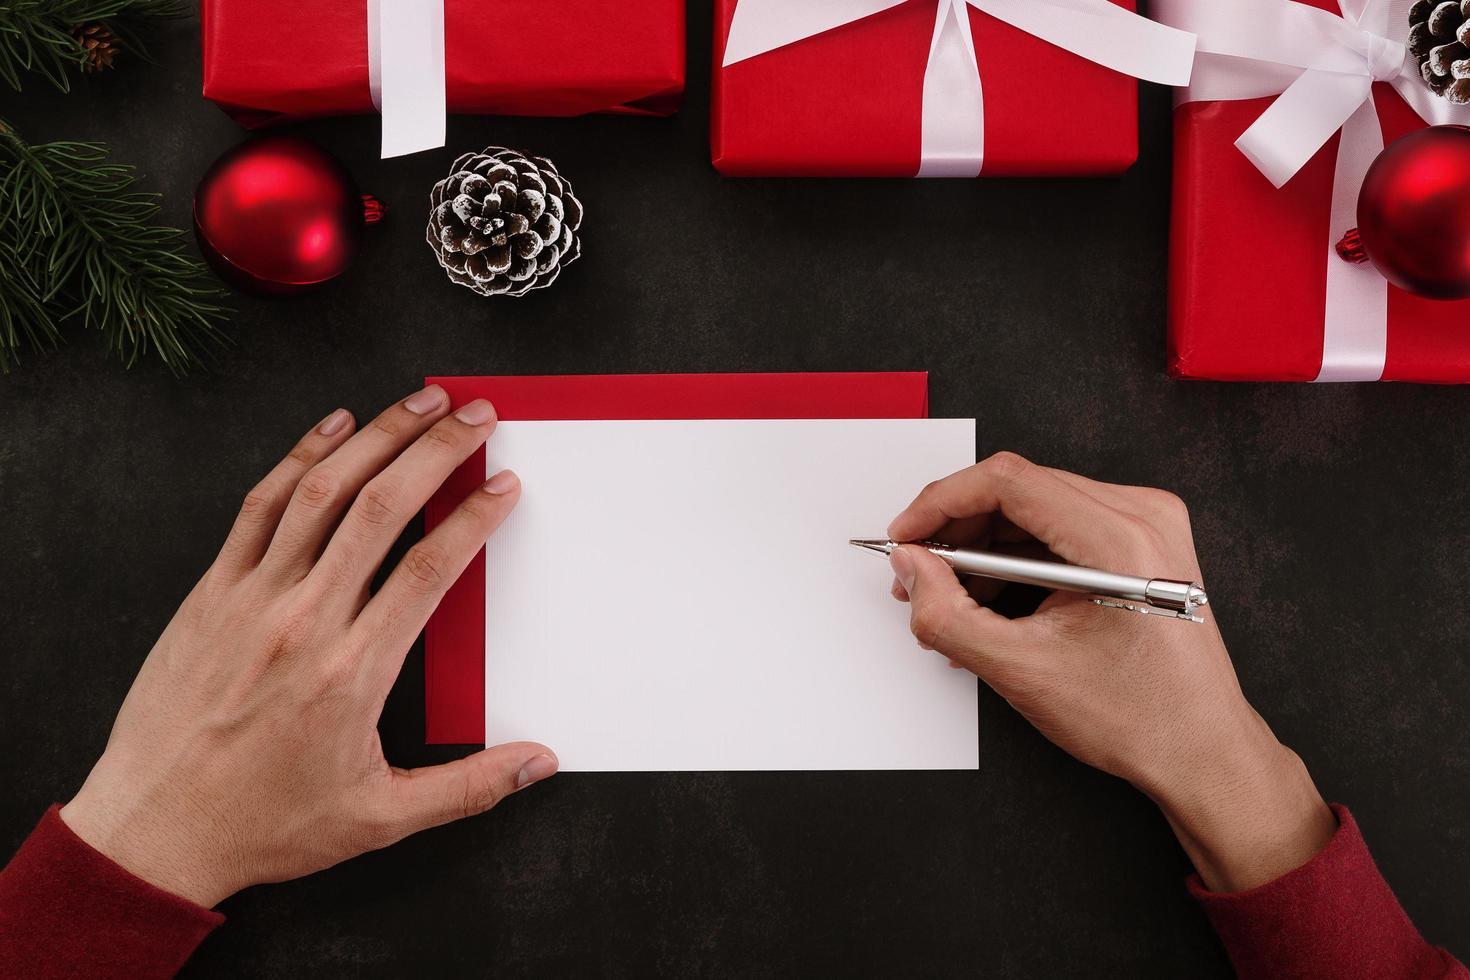 handen schrijven witte wenskaart mockup met kerstversiering op grunge achtergrond foto